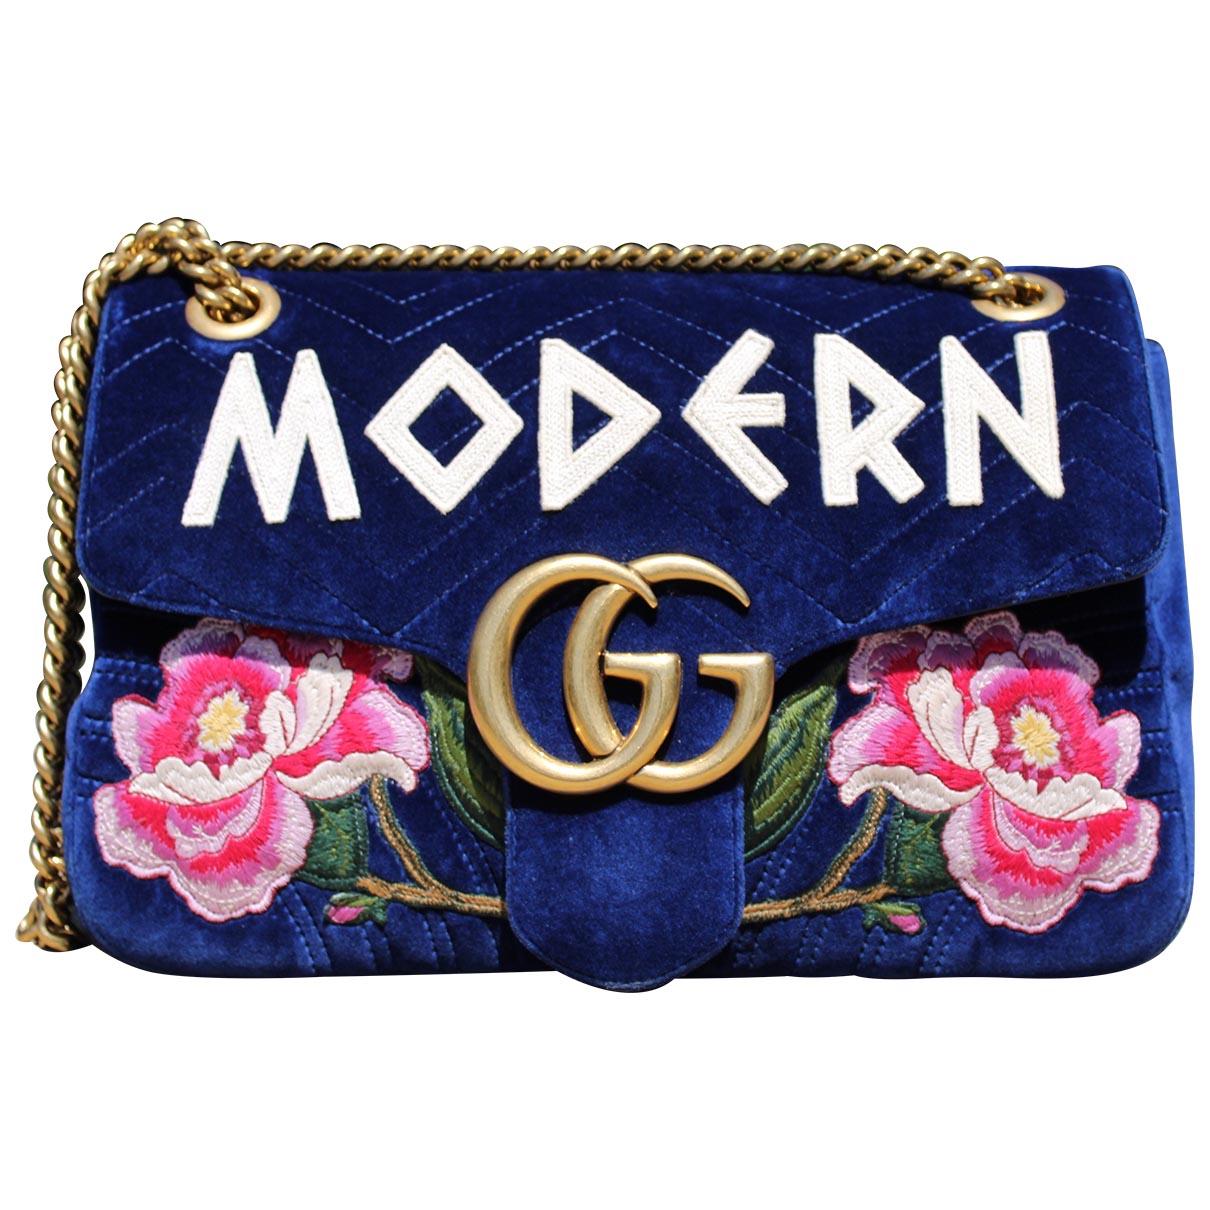 Gucci - Sac a main Marmont pour femme en velours - bleu